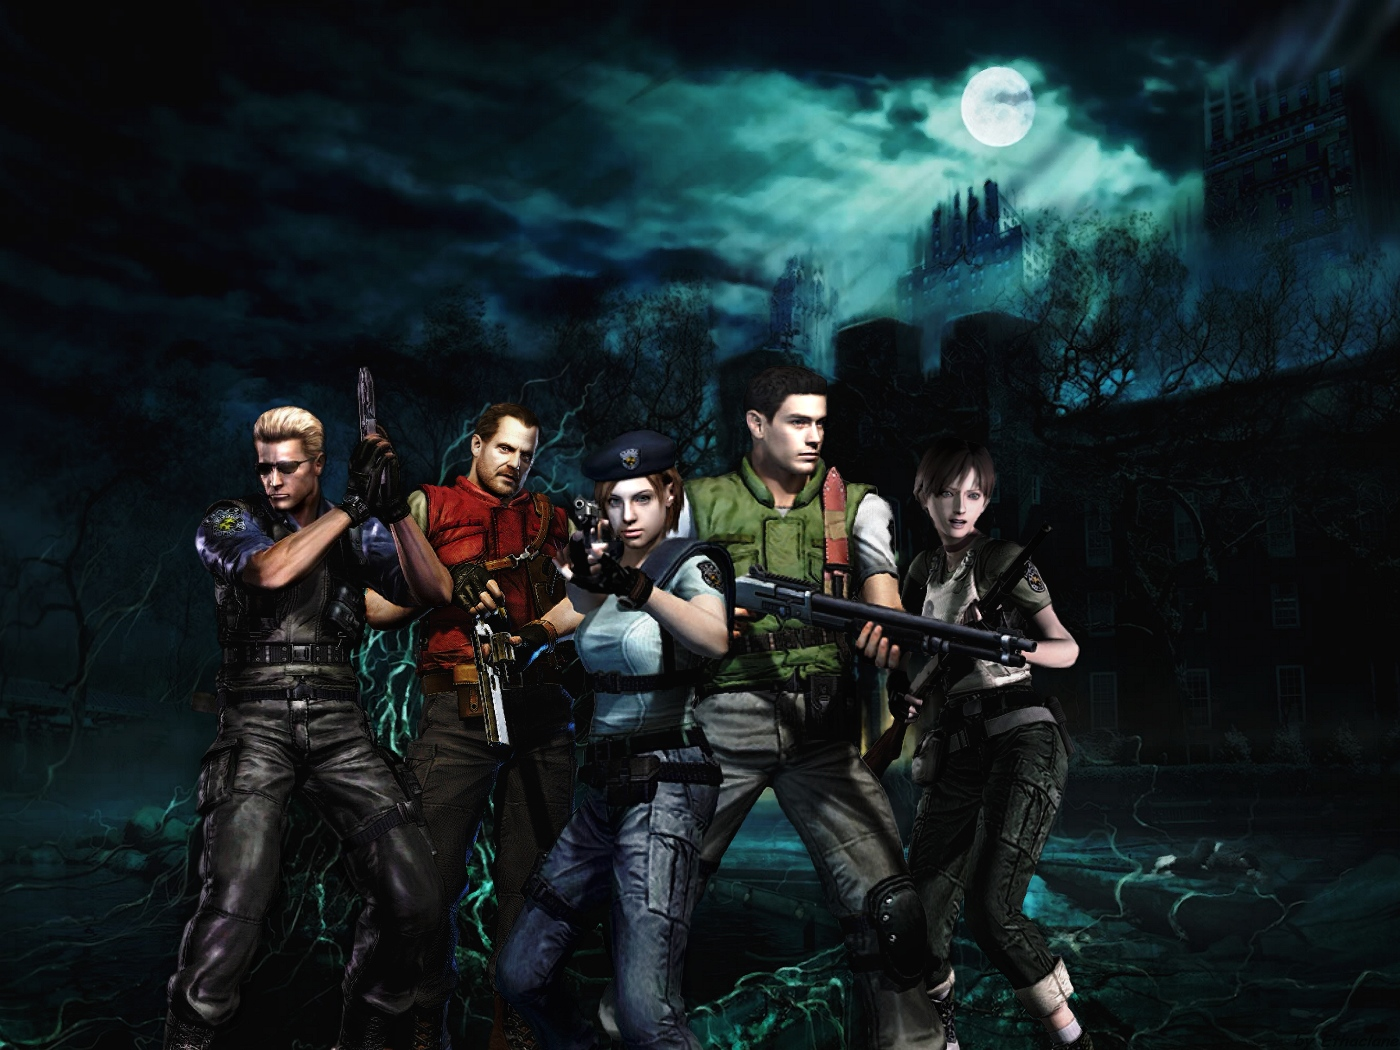 76 Resident Evil Wallpaper On Wallpapersafari